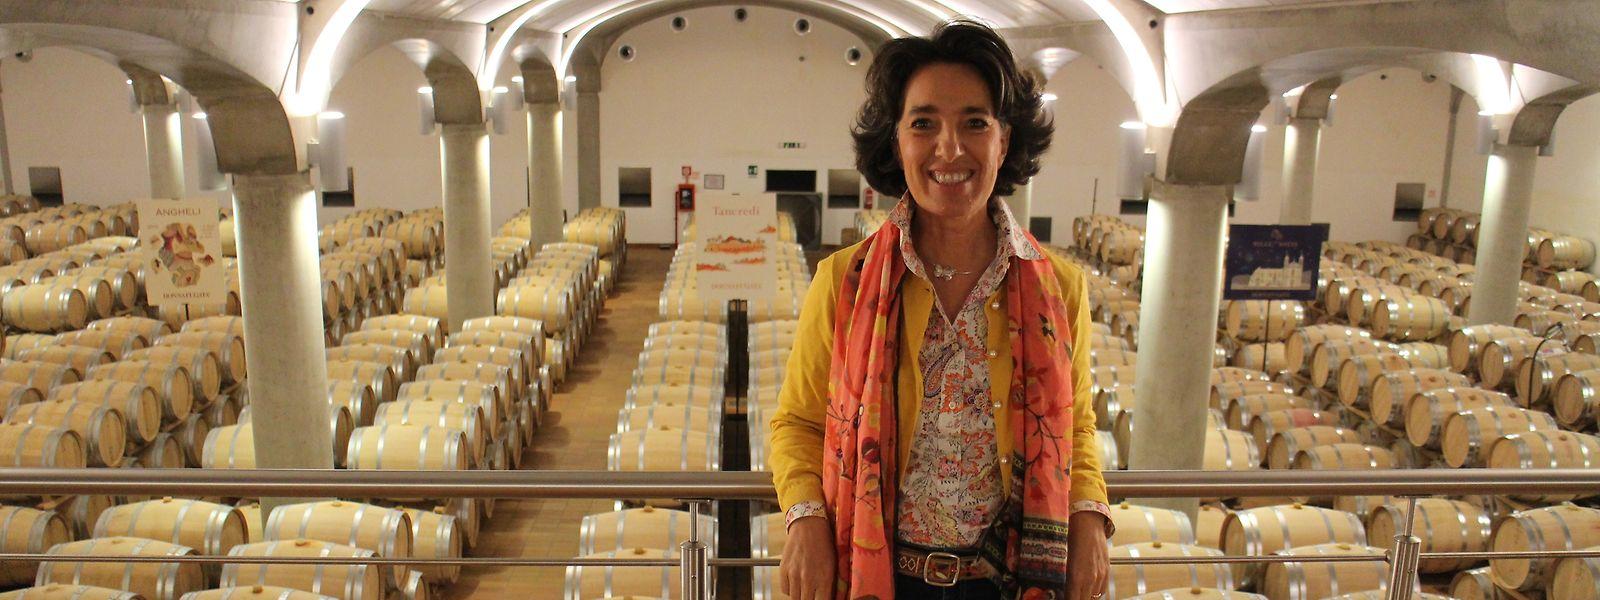 """José Rallo leitet als Managerin von """"Donnafugata"""" eines der größten und bekanntesten Weingüter Siziliens. Erfolgreich ist sie auch als Jazz-Musikerin."""